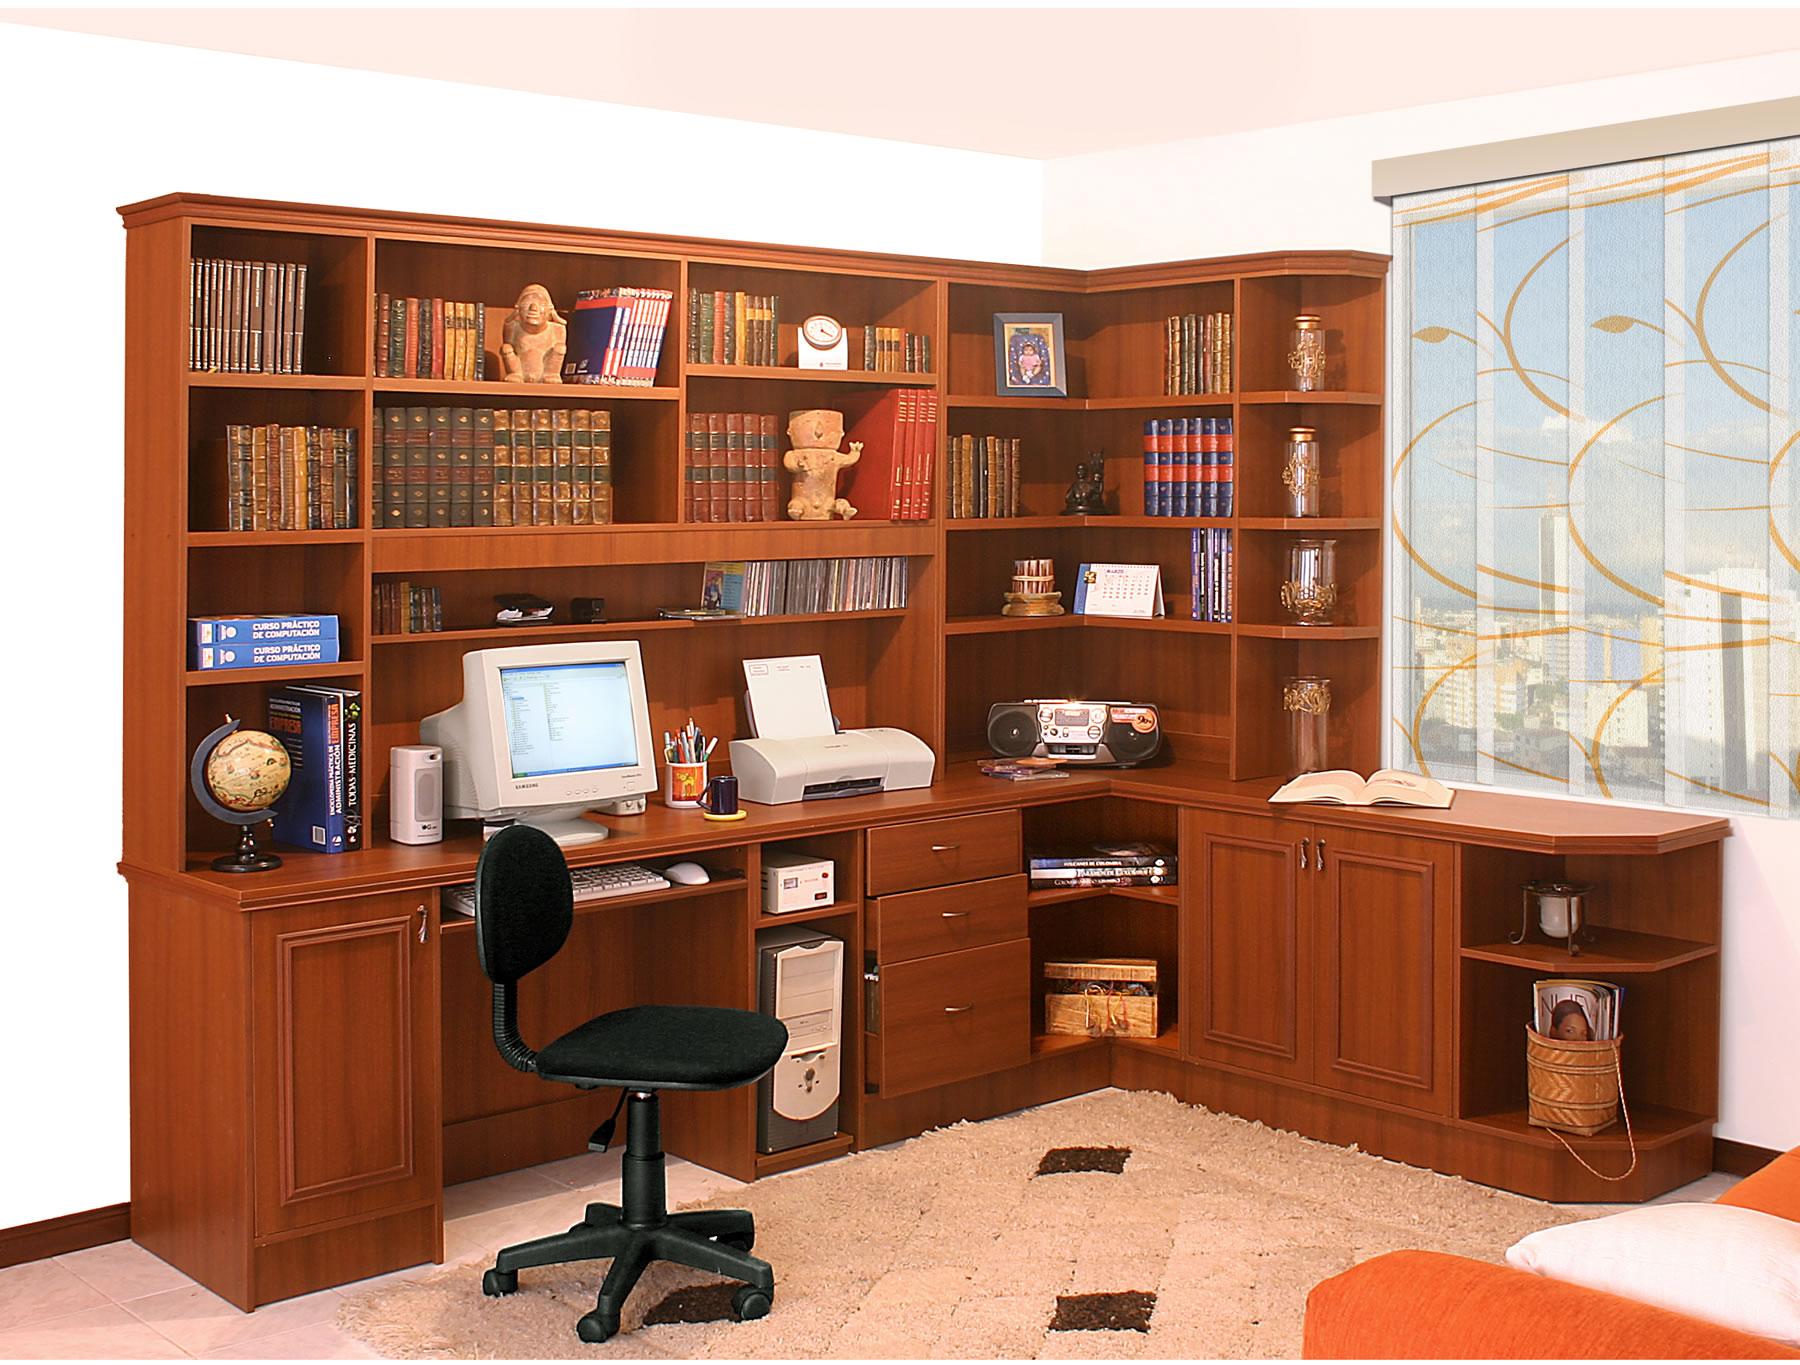 bibliotecas y centros de entretenimiento dise os On diseños de muebles para bibliotecas